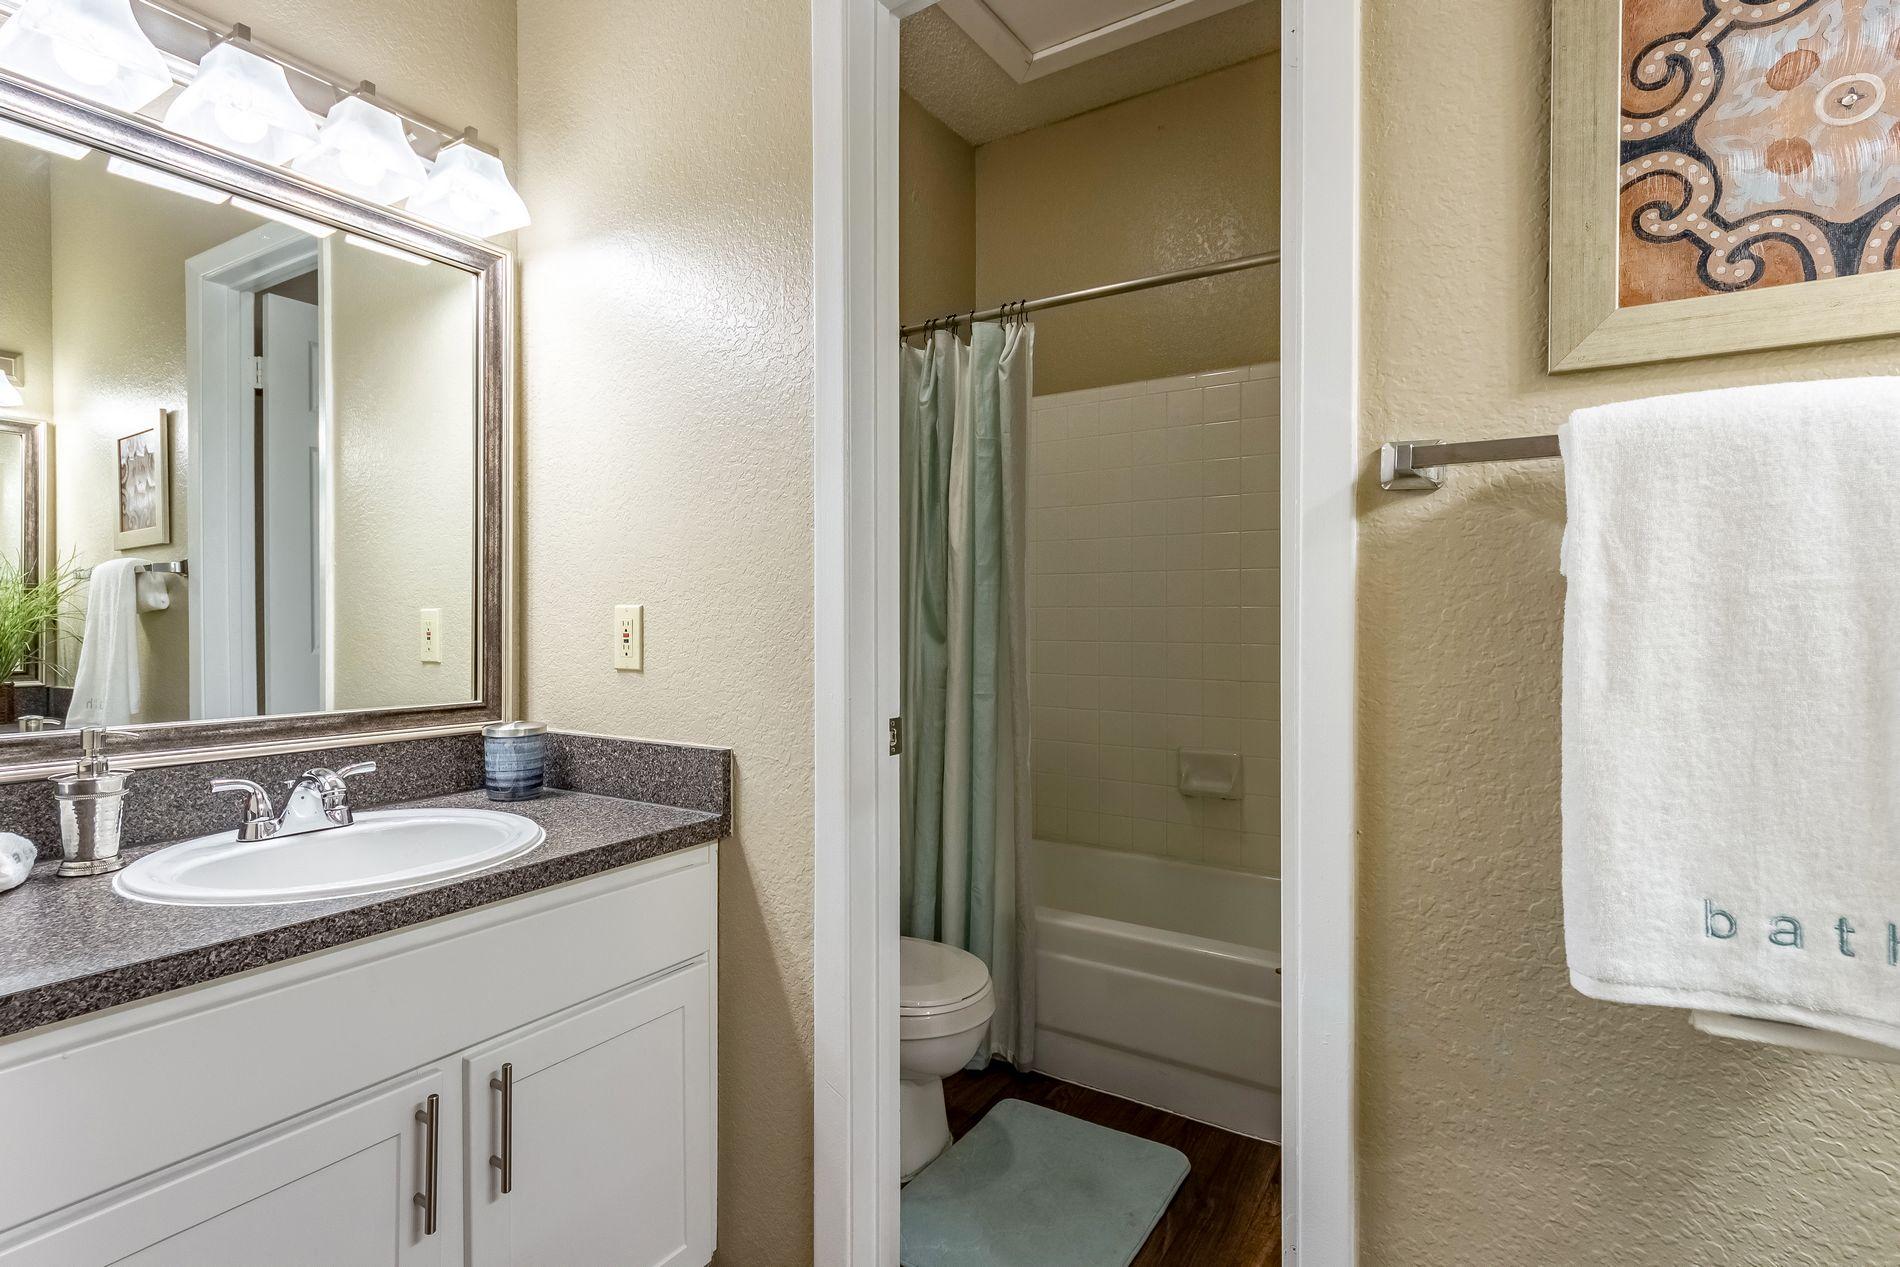 Model Bathroom at La Costa Apartments in Plano, Texas, TX